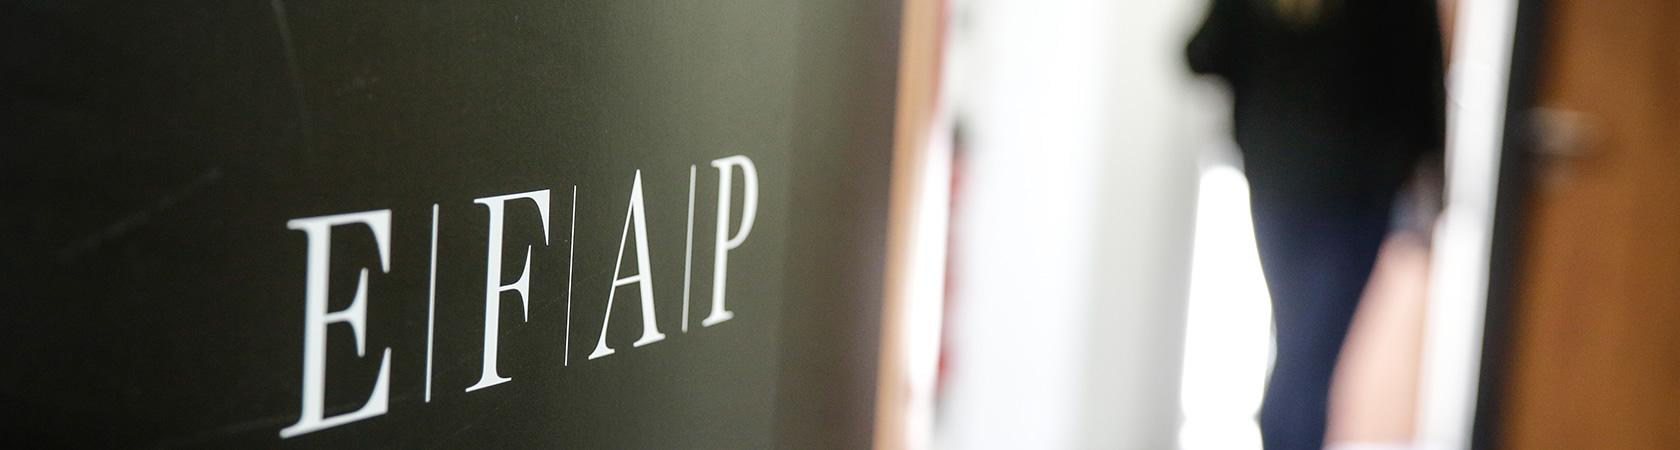 Ecole de Communication EFAP - Entretien Personnalisé MBA Spécialié